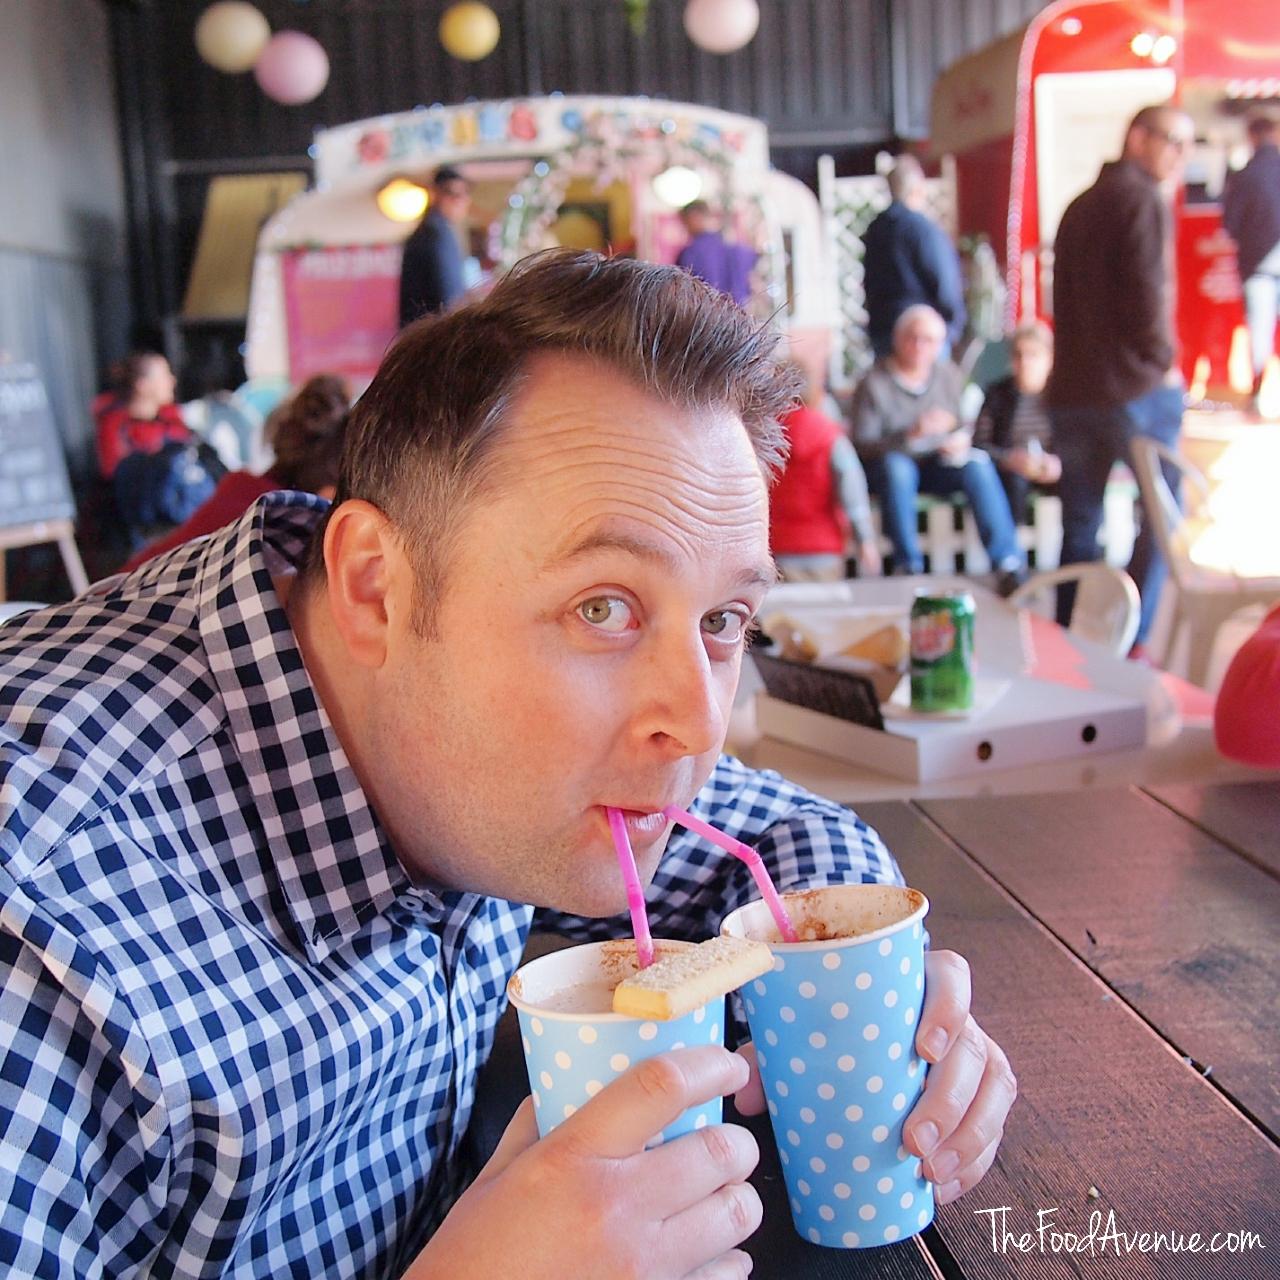 The_Food_Avenue_milkshakes2